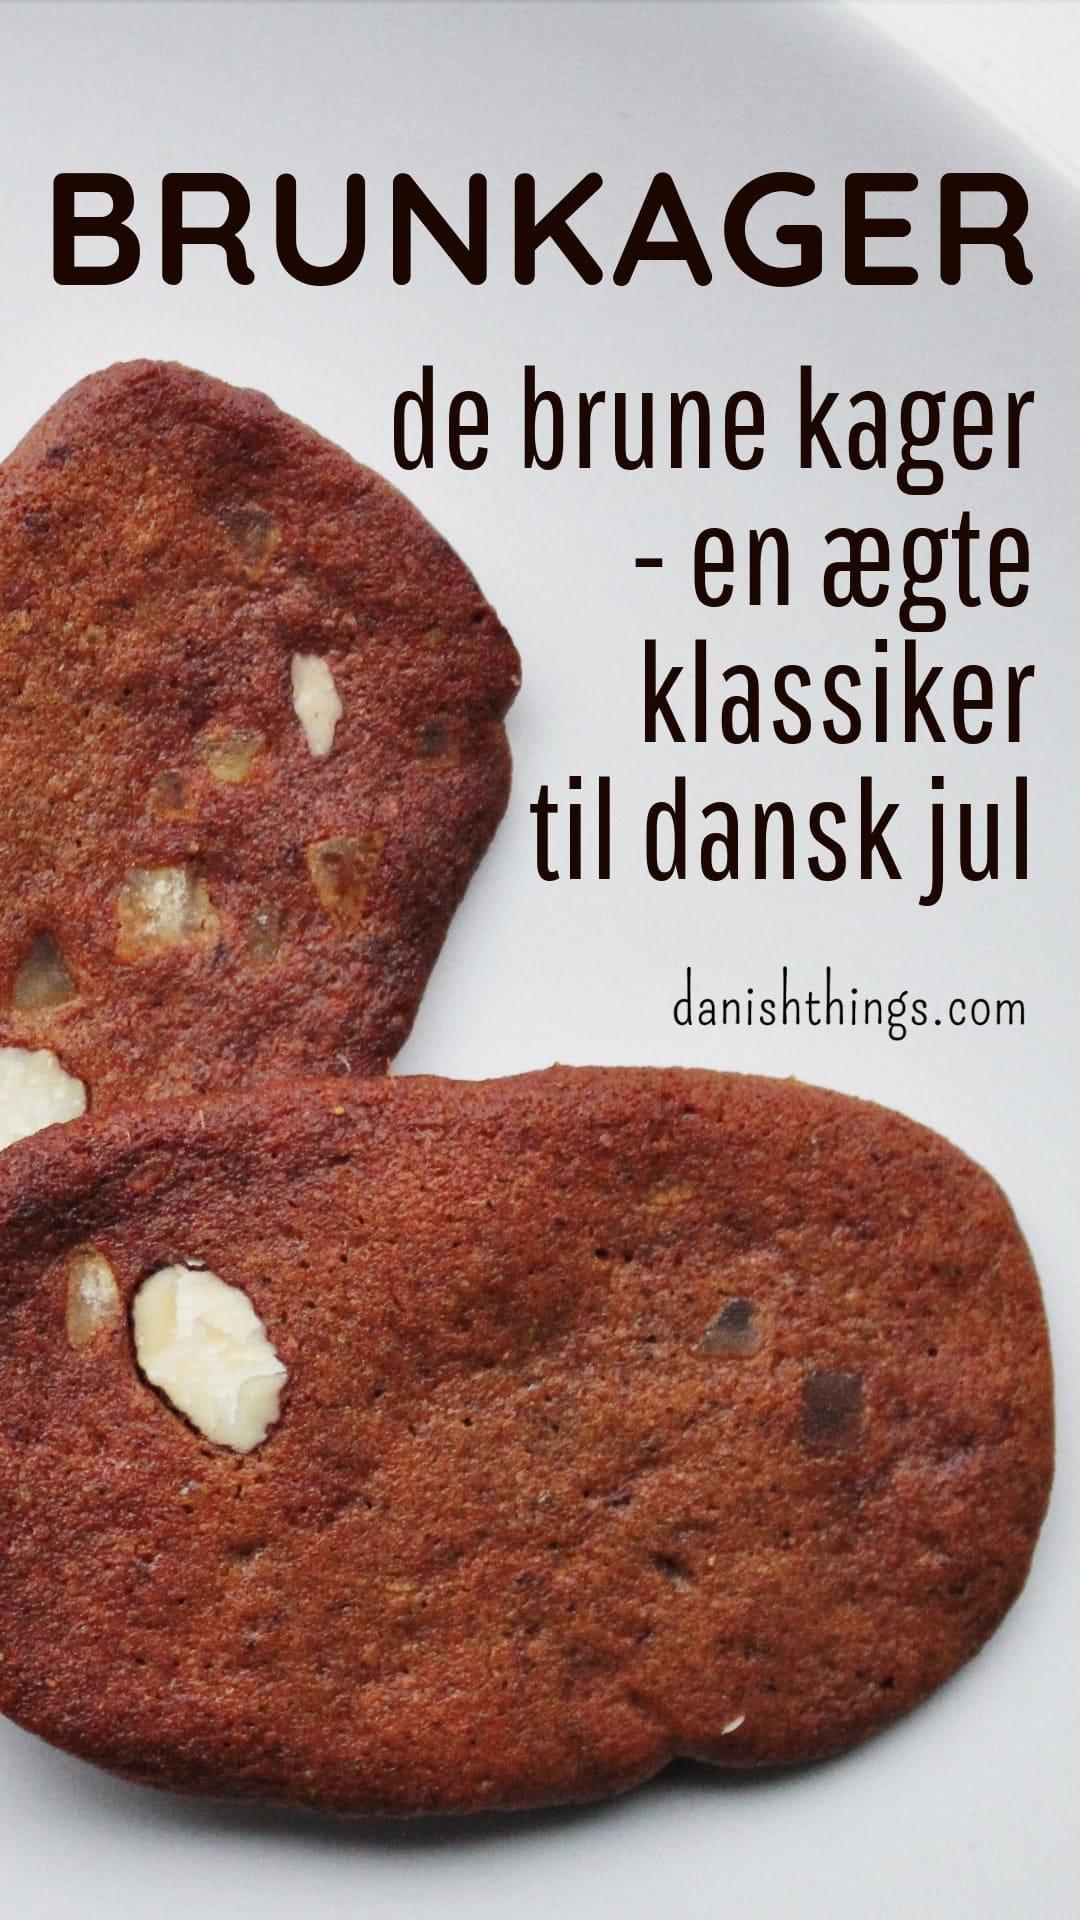 Brunkager - de klassiske brune kager, ægte dansk jul i småkagestørrelse – find opskriften, gratis download, print og inspiration til årets gang på danishthings.com